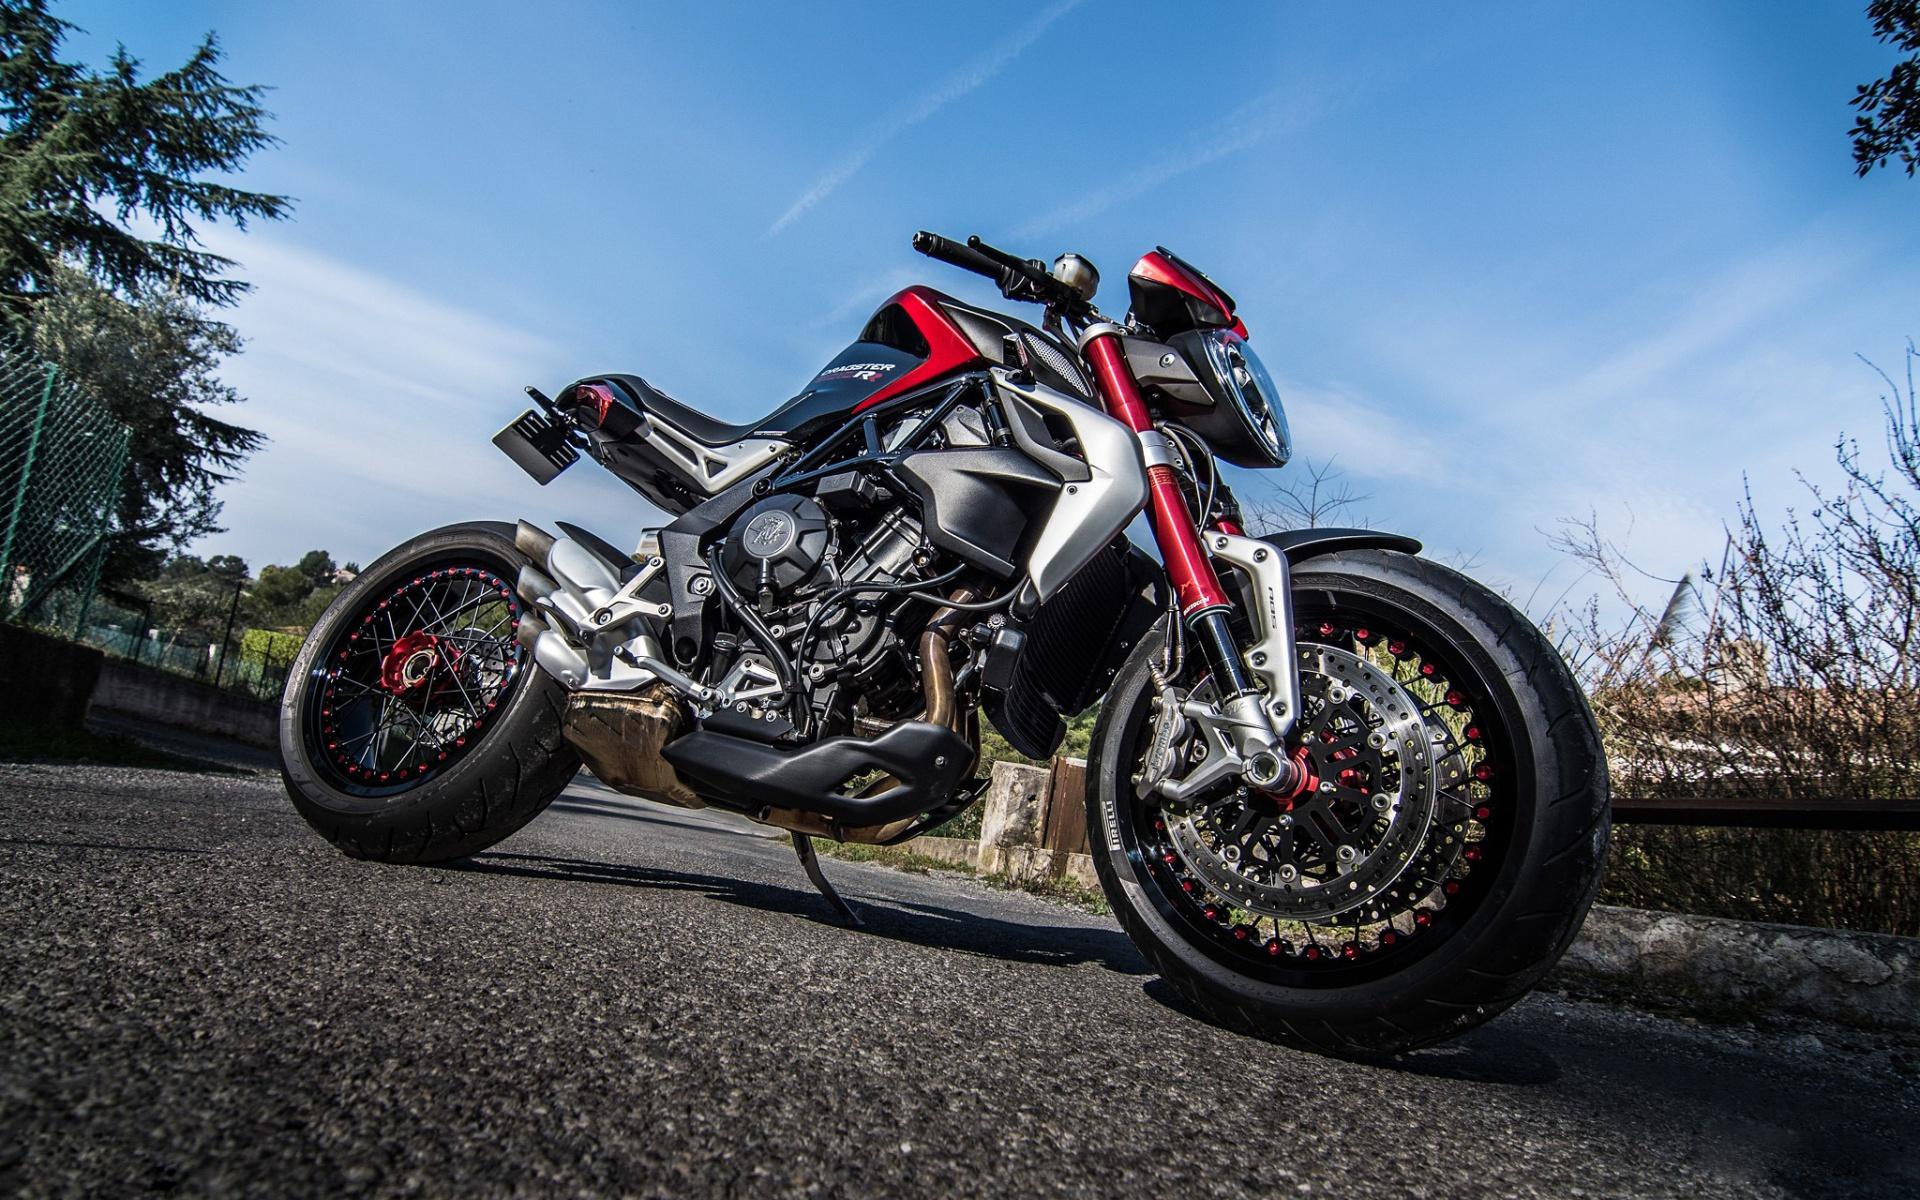 Обои Honda MV Agusta- 800, спортбайк, мотоцикл, дорога